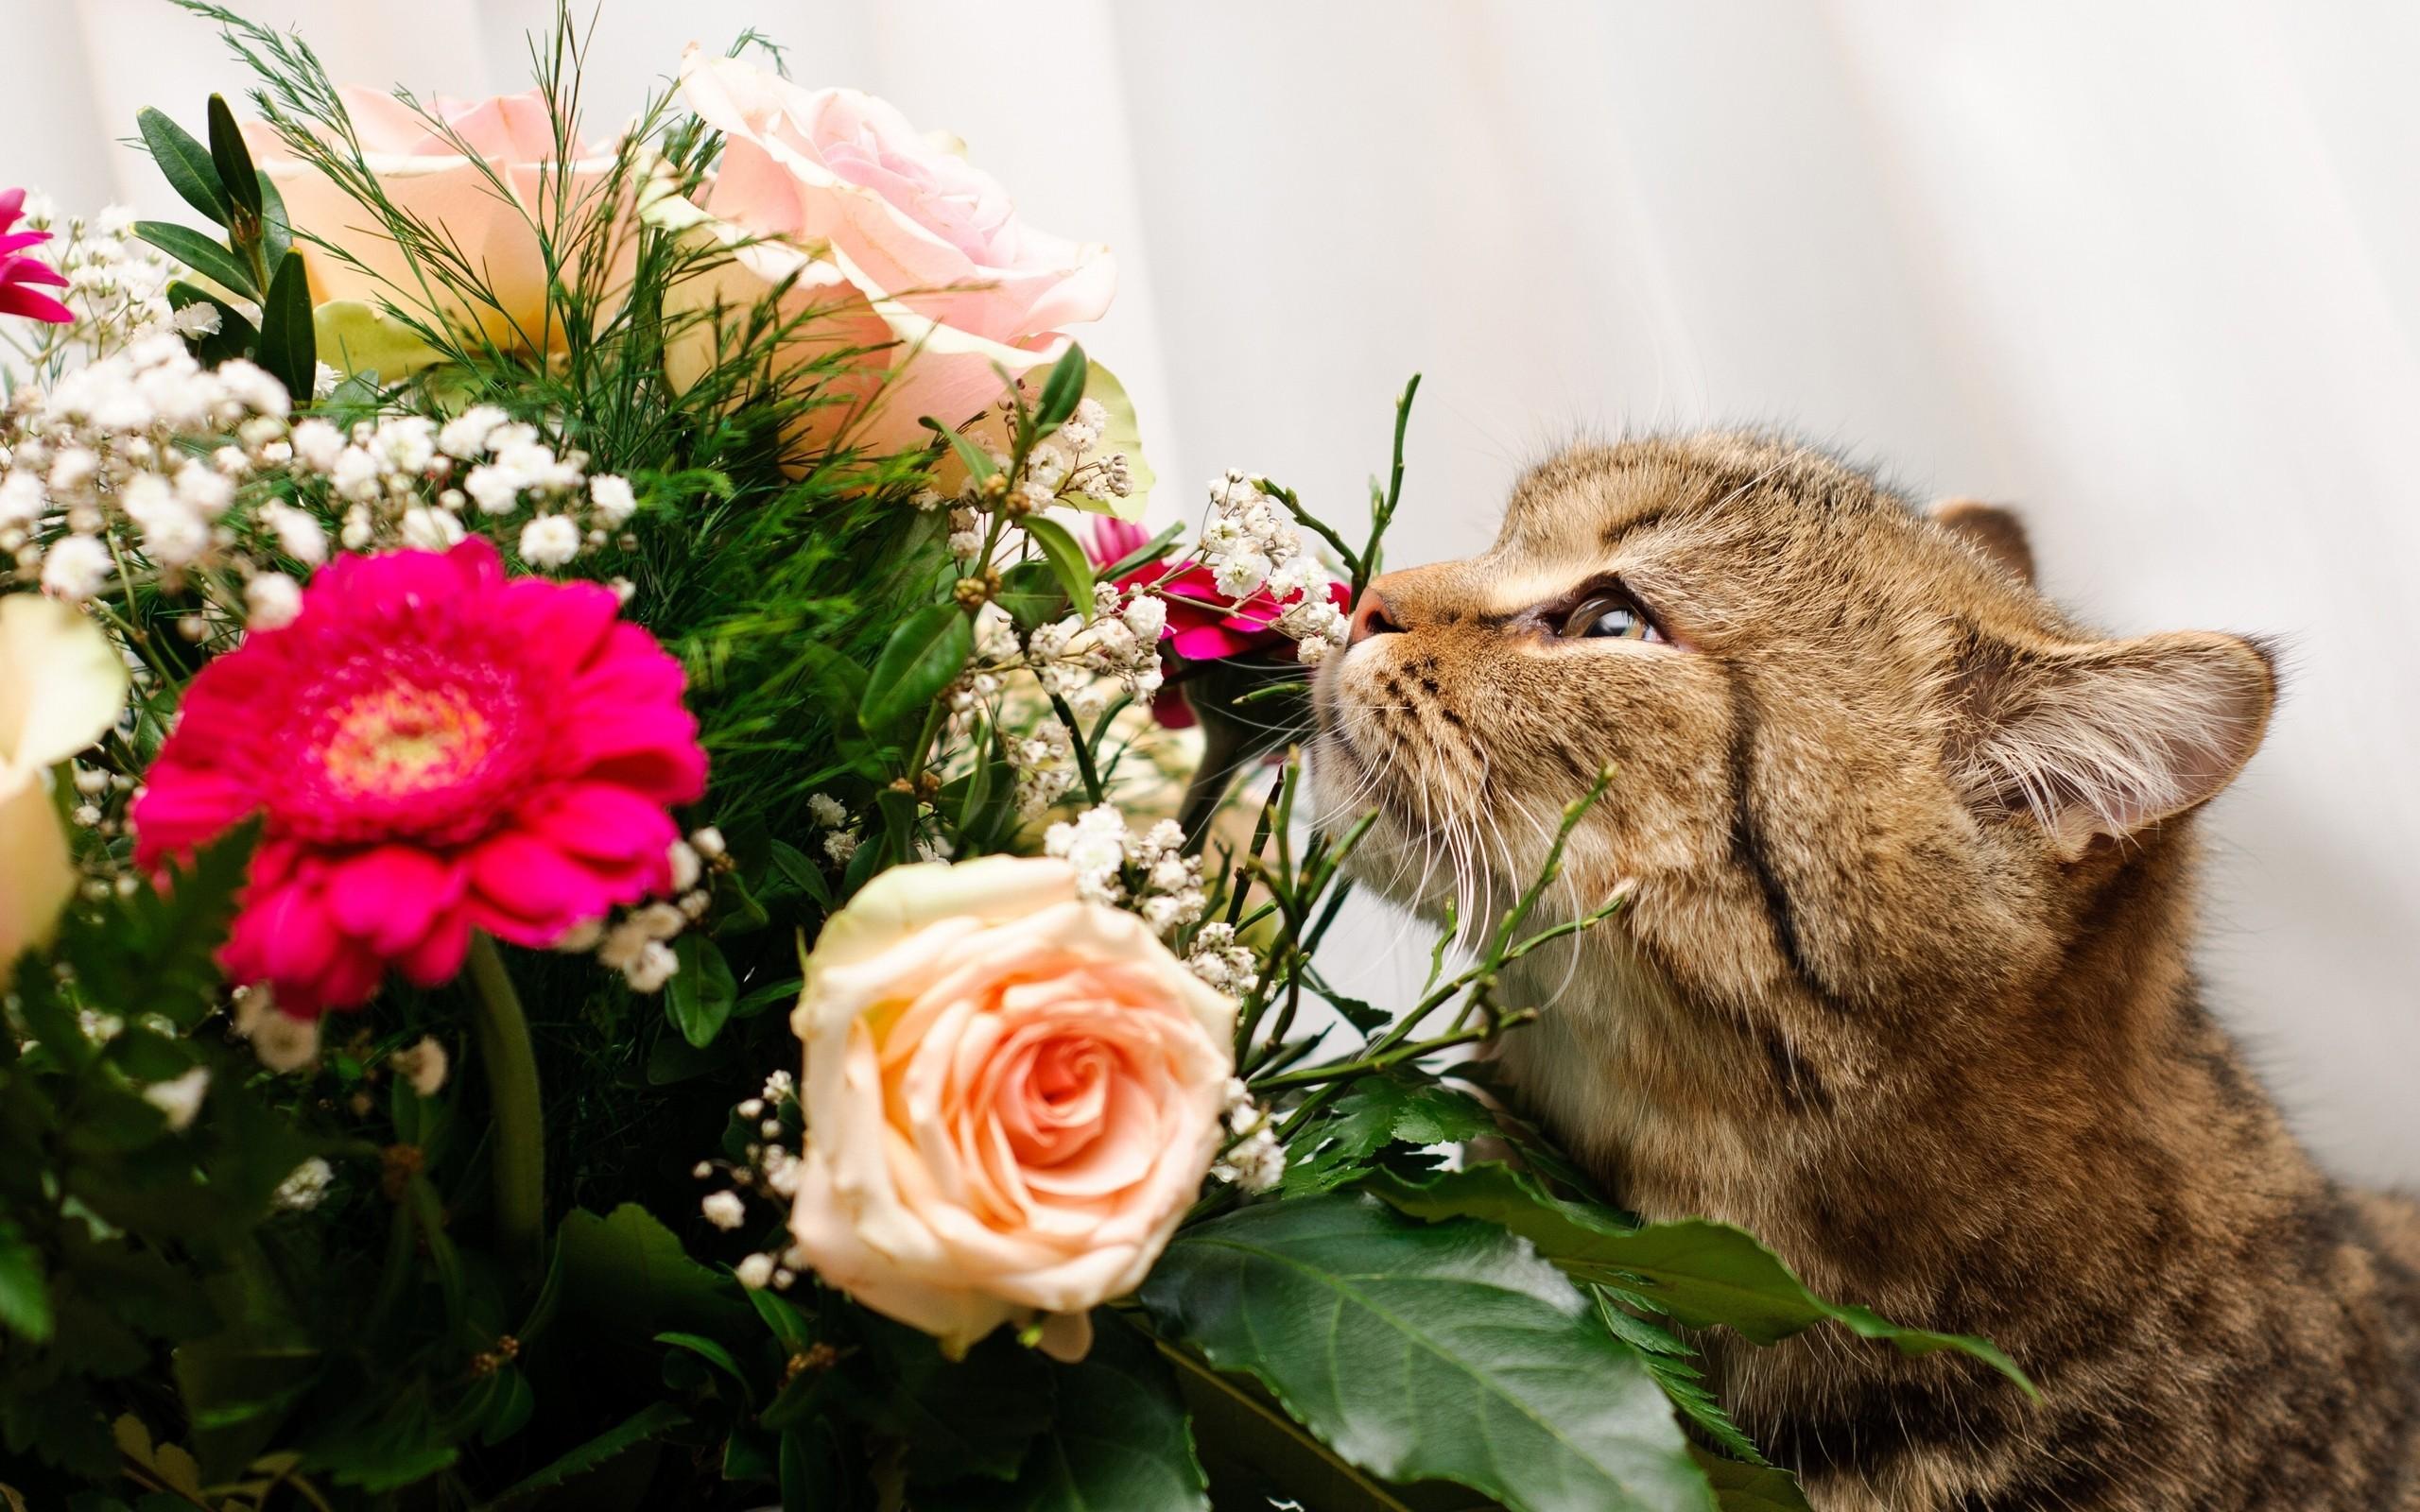 Un gato y rosas - 2560x1600